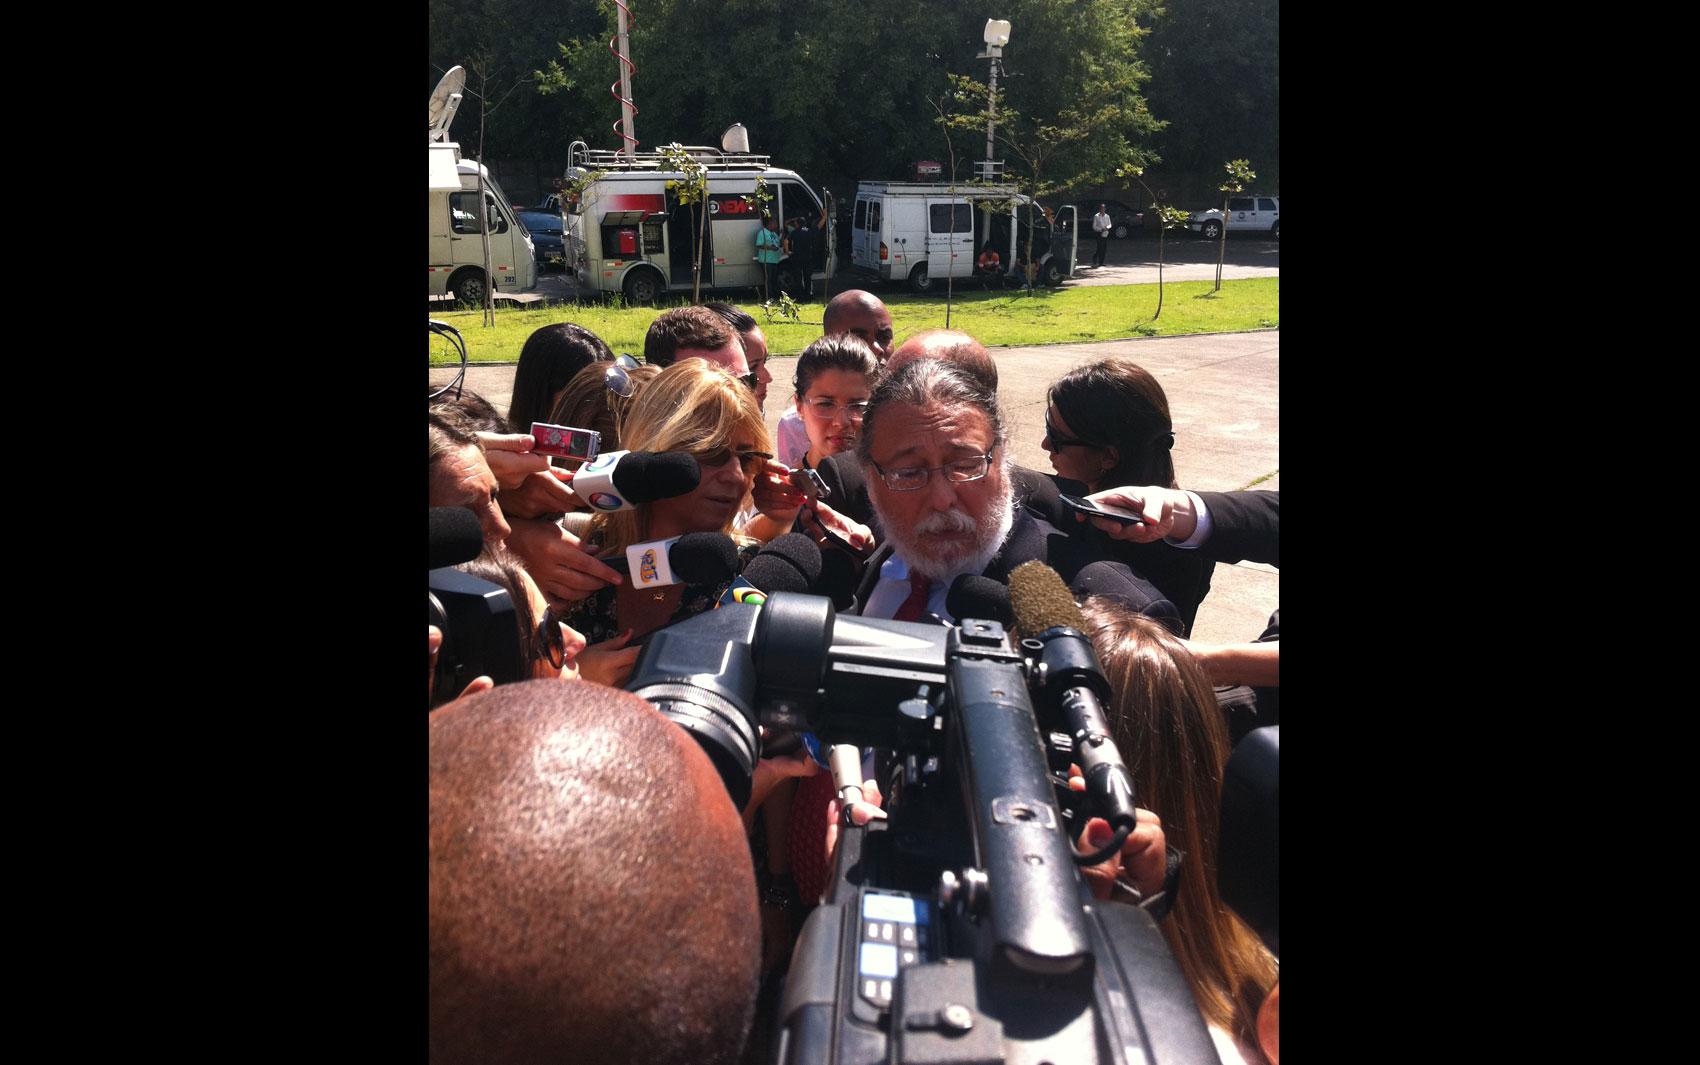 18/2/2013 - O perito Ricardo Molina, que auxilia a defesa do Gil Rugai, afirmou em sua chegada que 'o caso está todo errado do começo ao fim'. 'Inferências são transformadas em evidências. A perícia é ridícula', declarou.